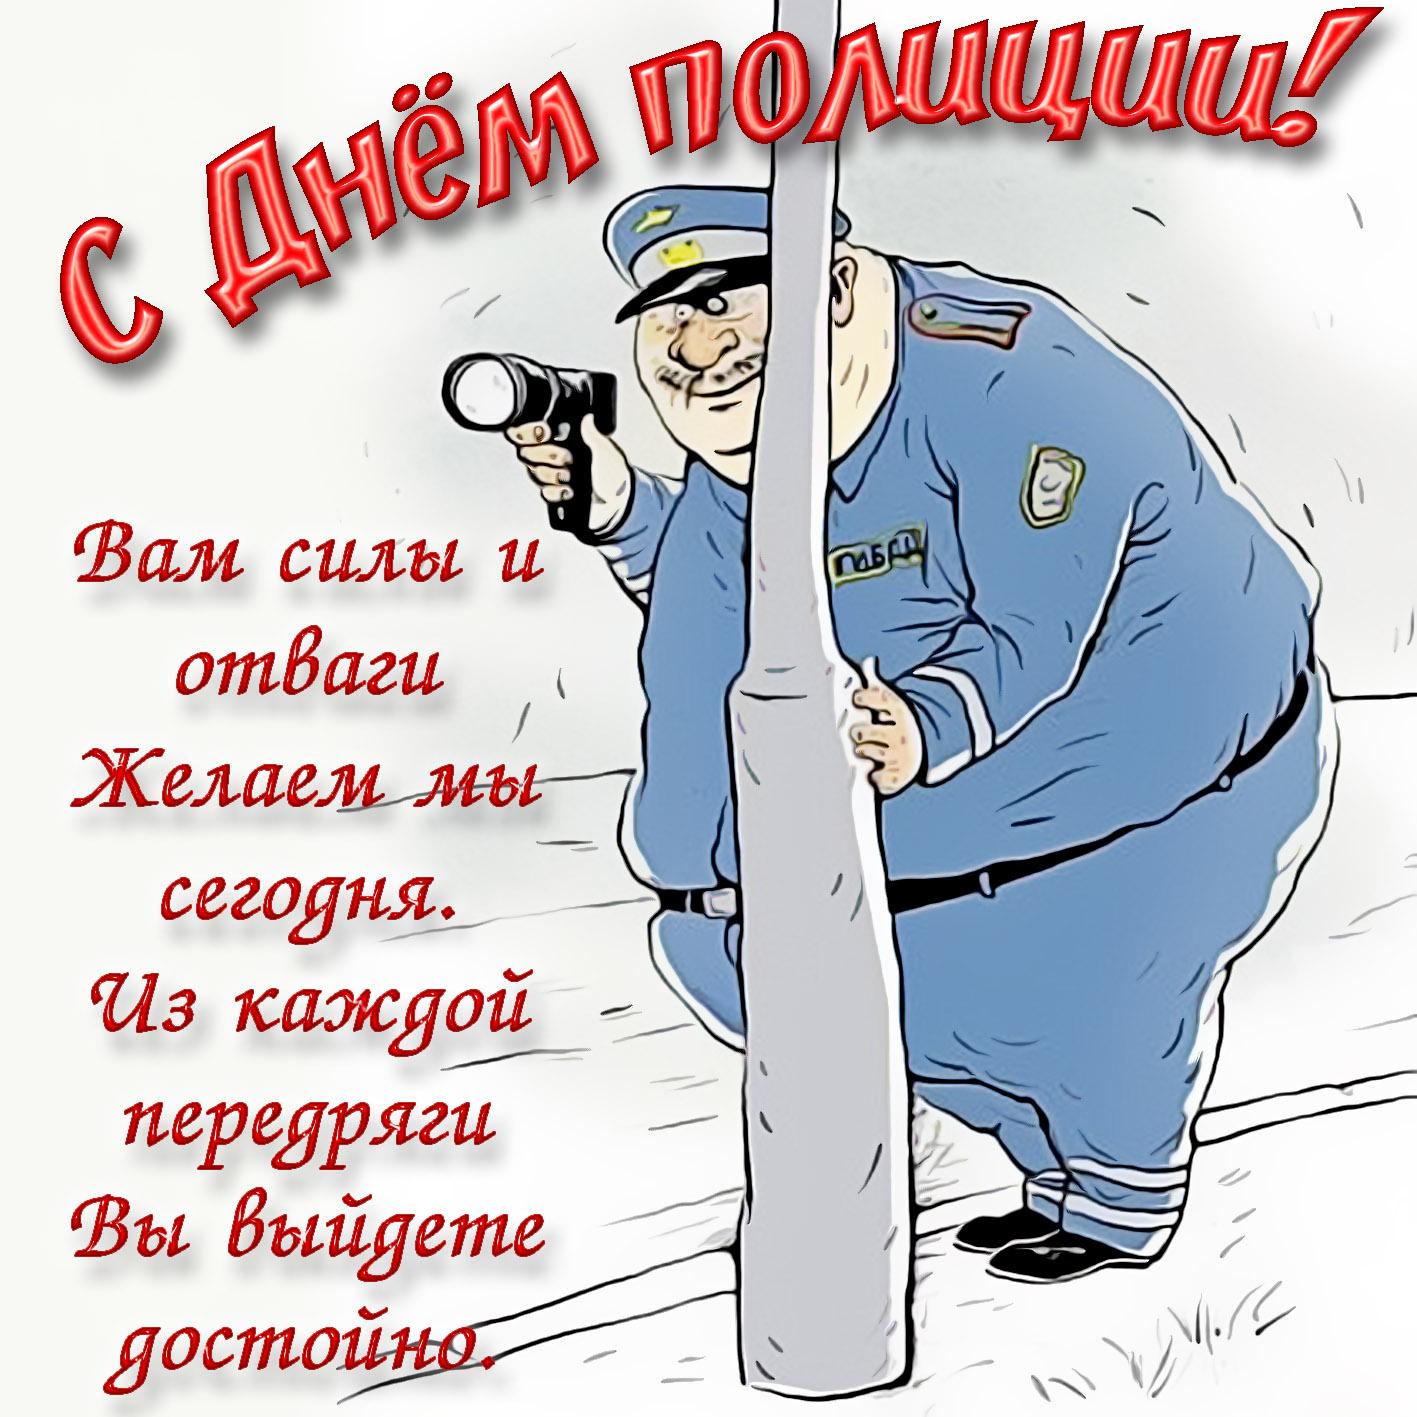 Открытка на День полиции - полицейский и пожелание к празднику